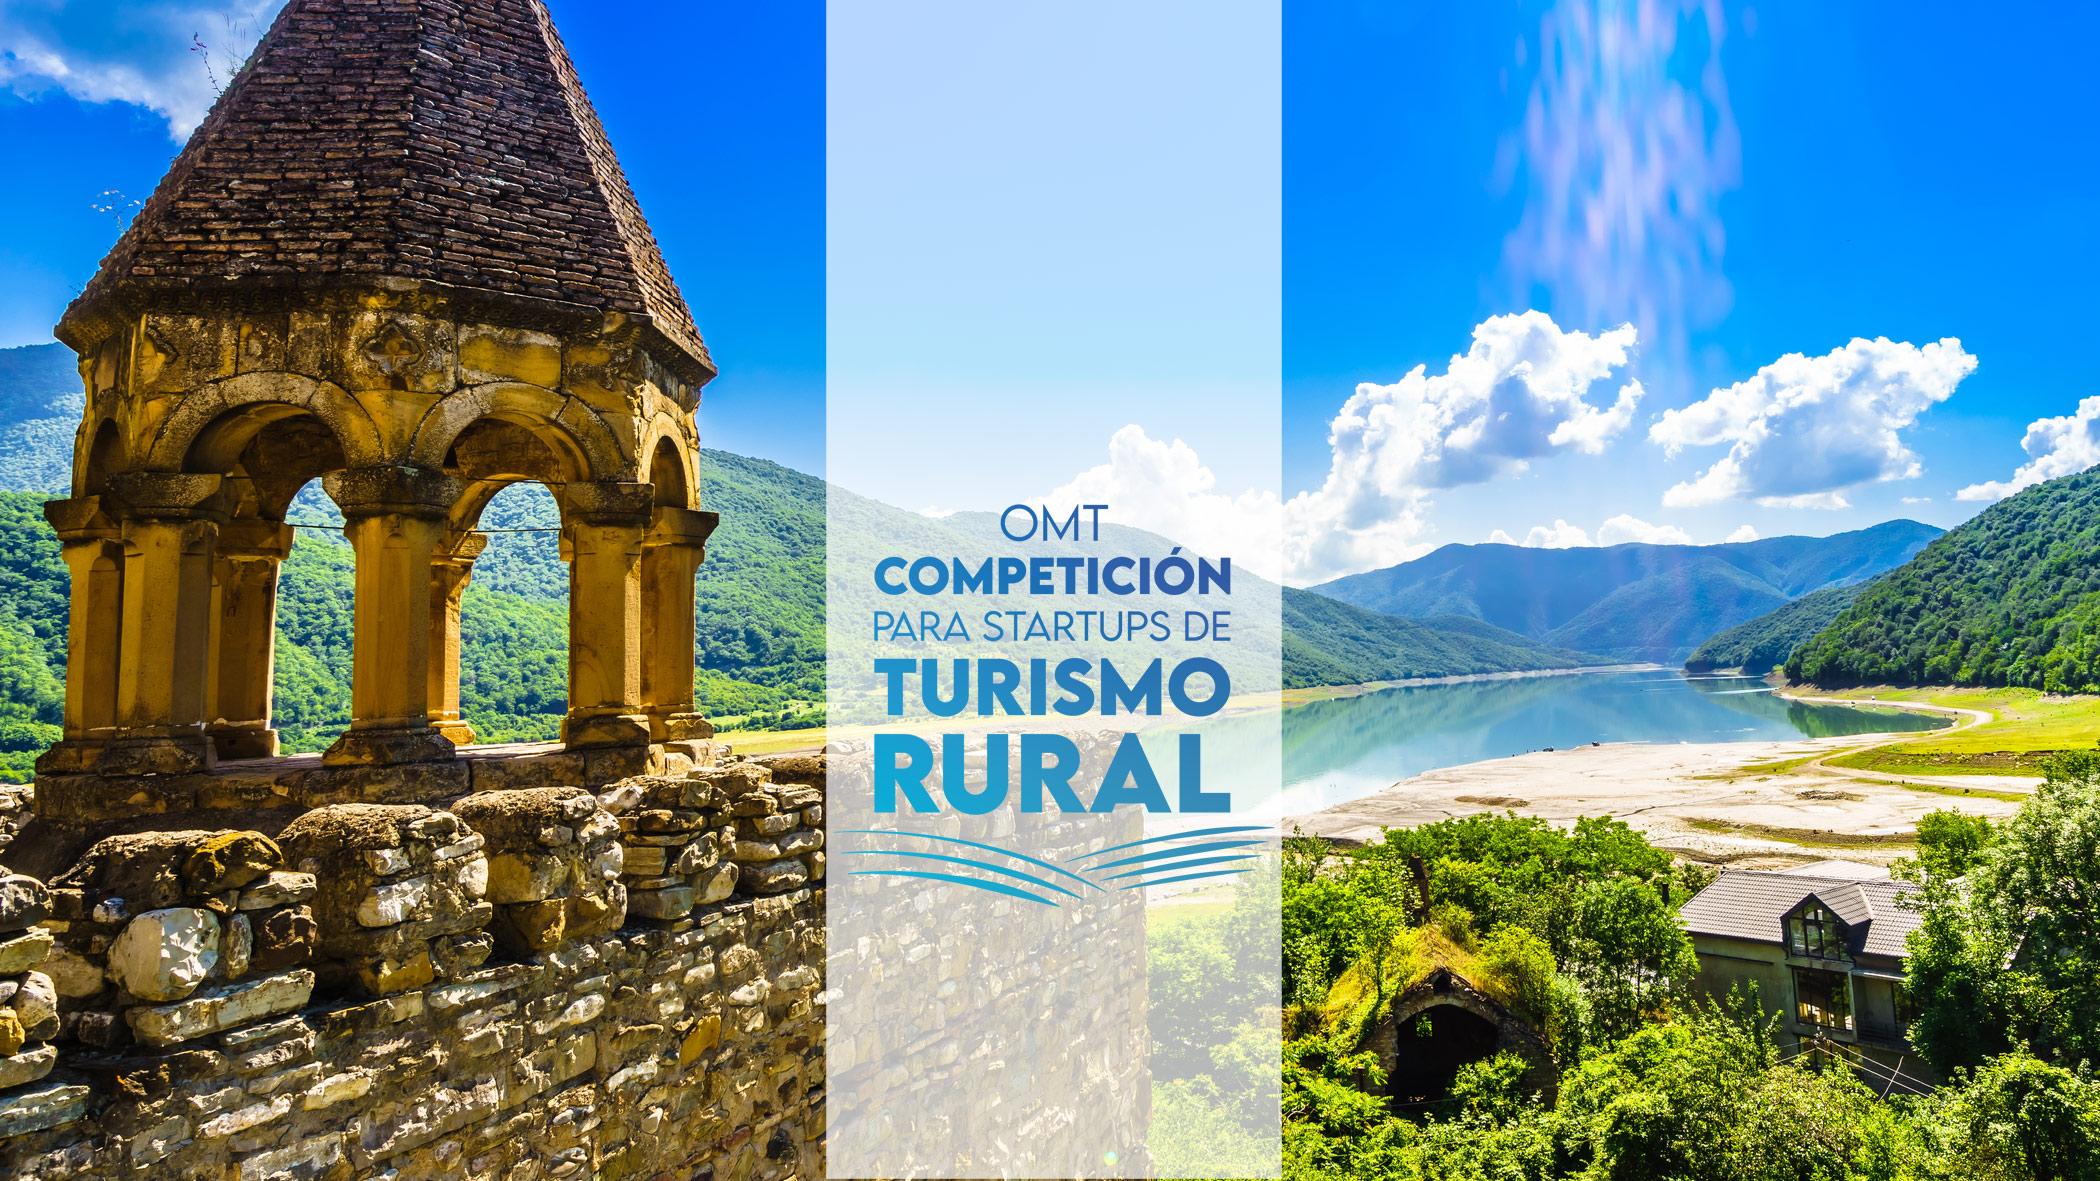 Competición mundial de la OMT para startups de turismo rural